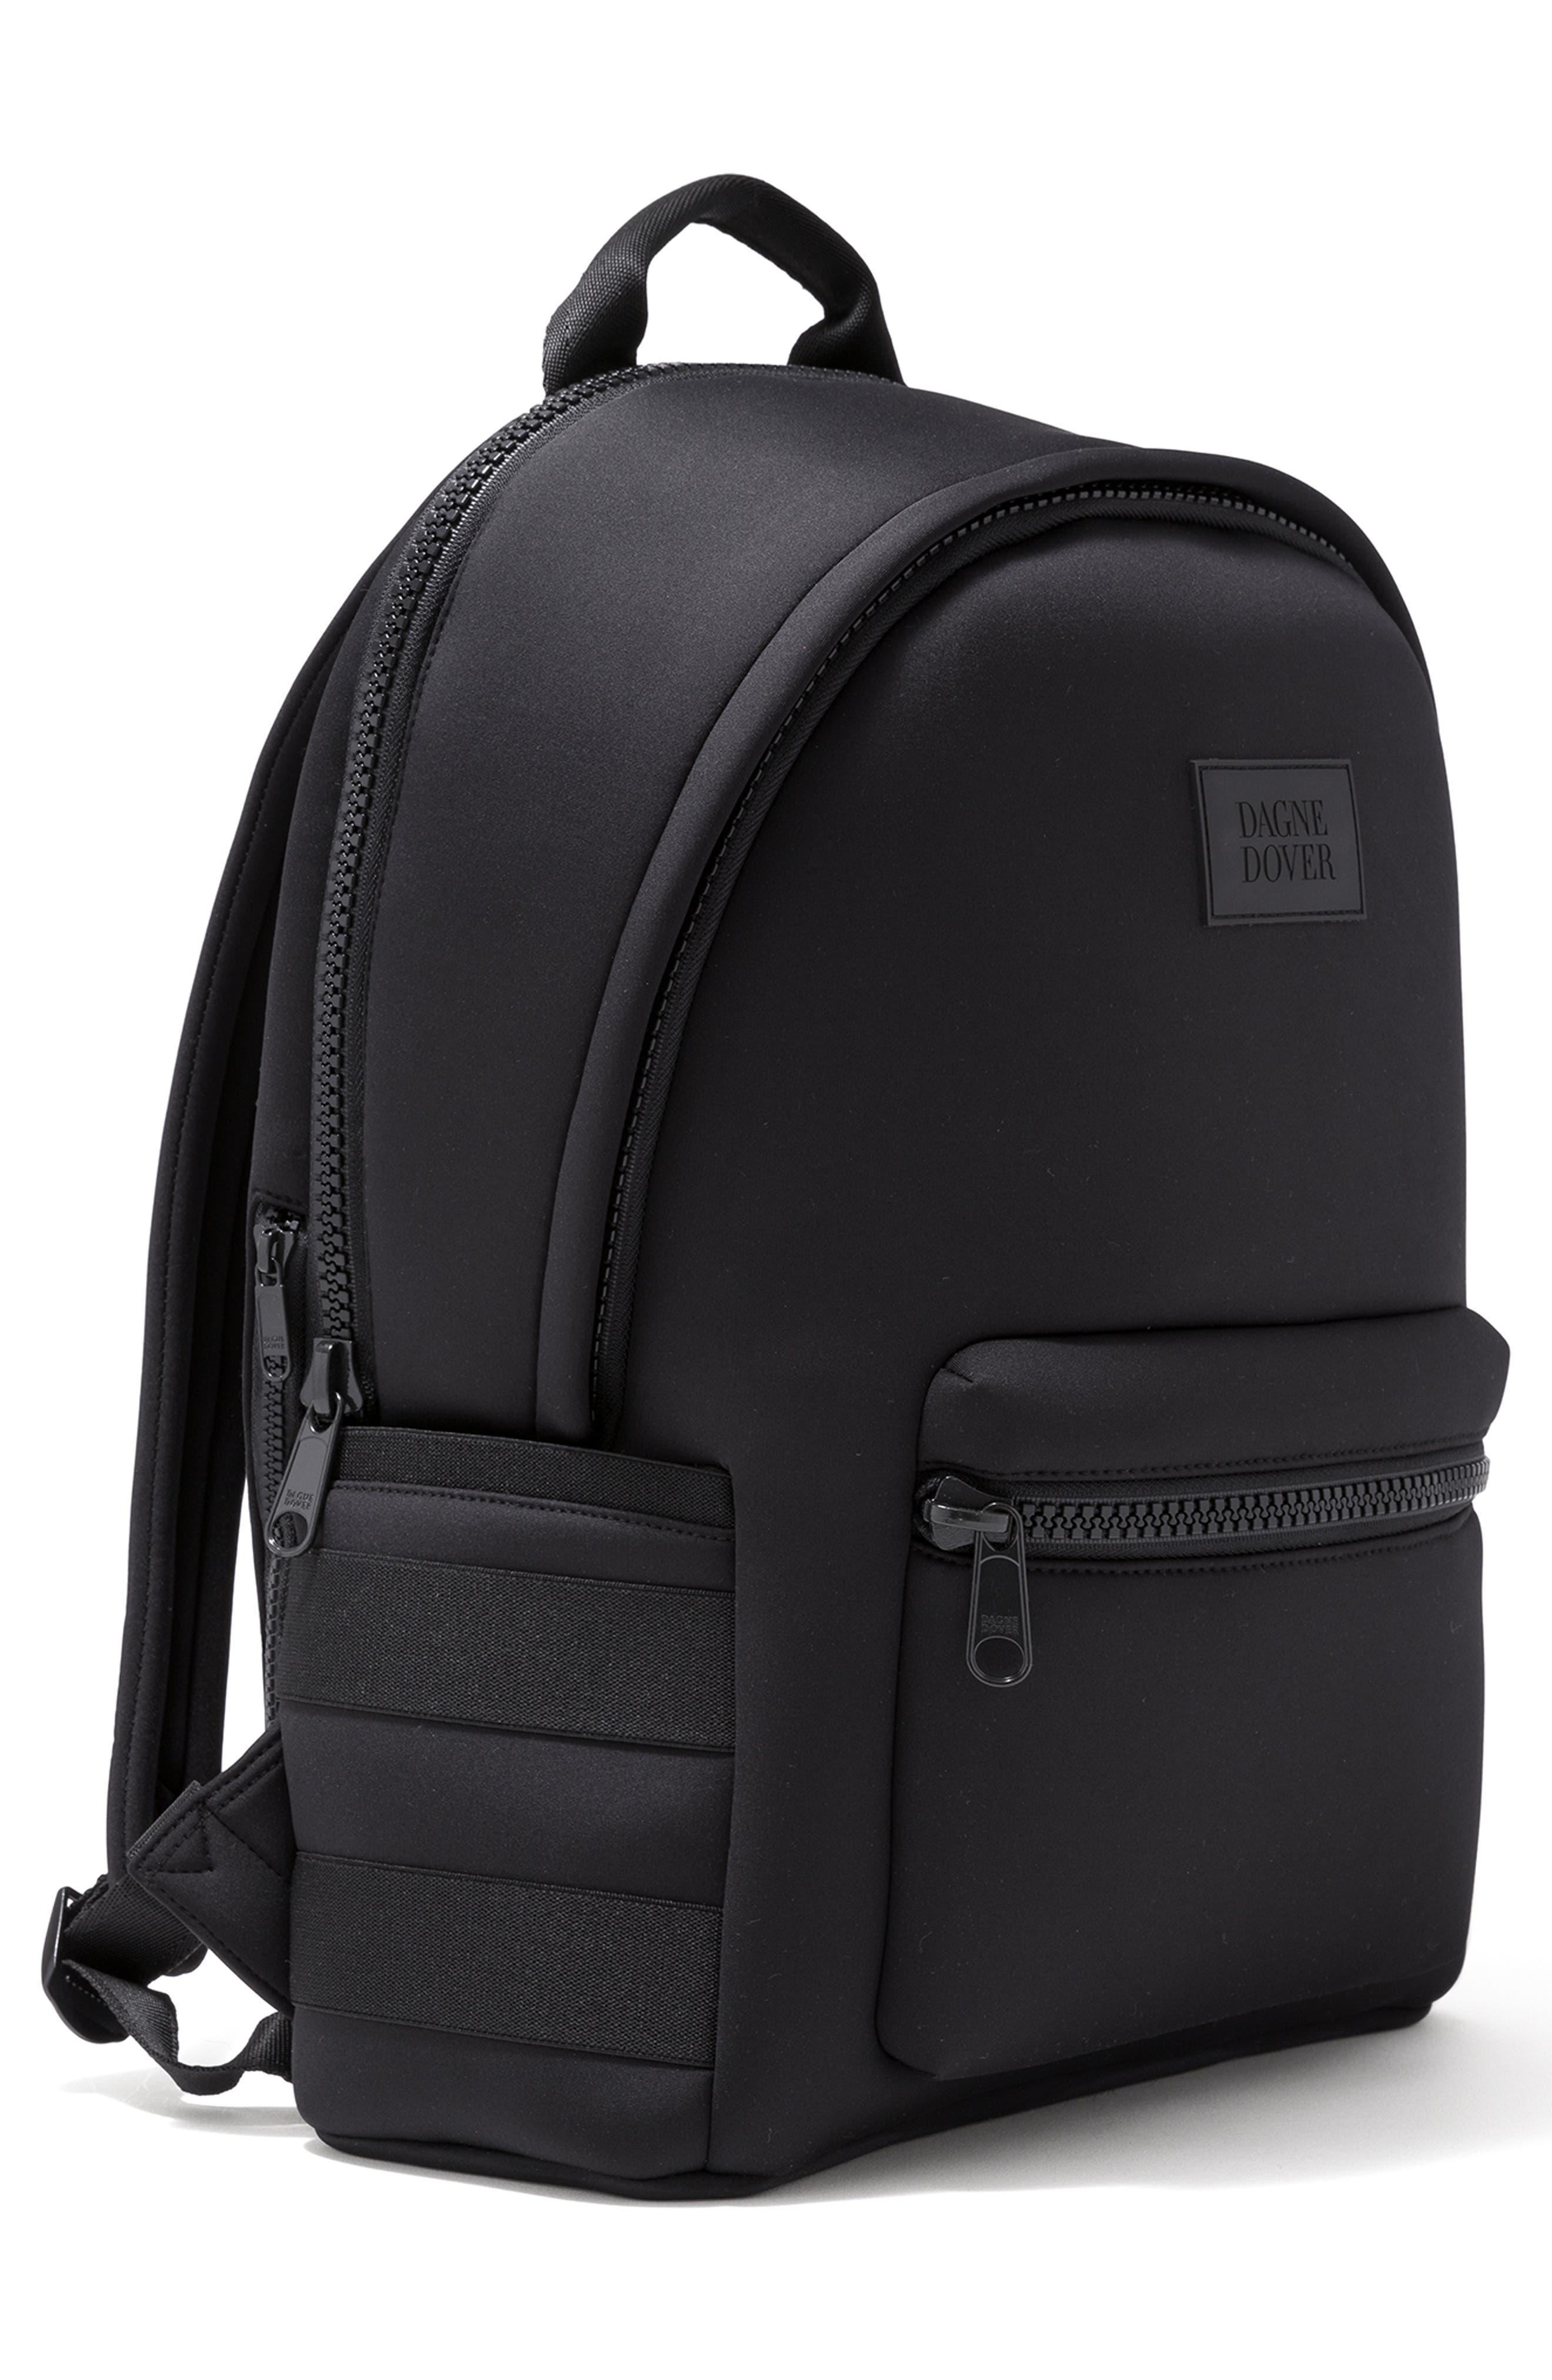 DAGNE DOVER,                             Large Dakota Neoprene Backpack,                             Alternate thumbnail 5, color,                             ONYX